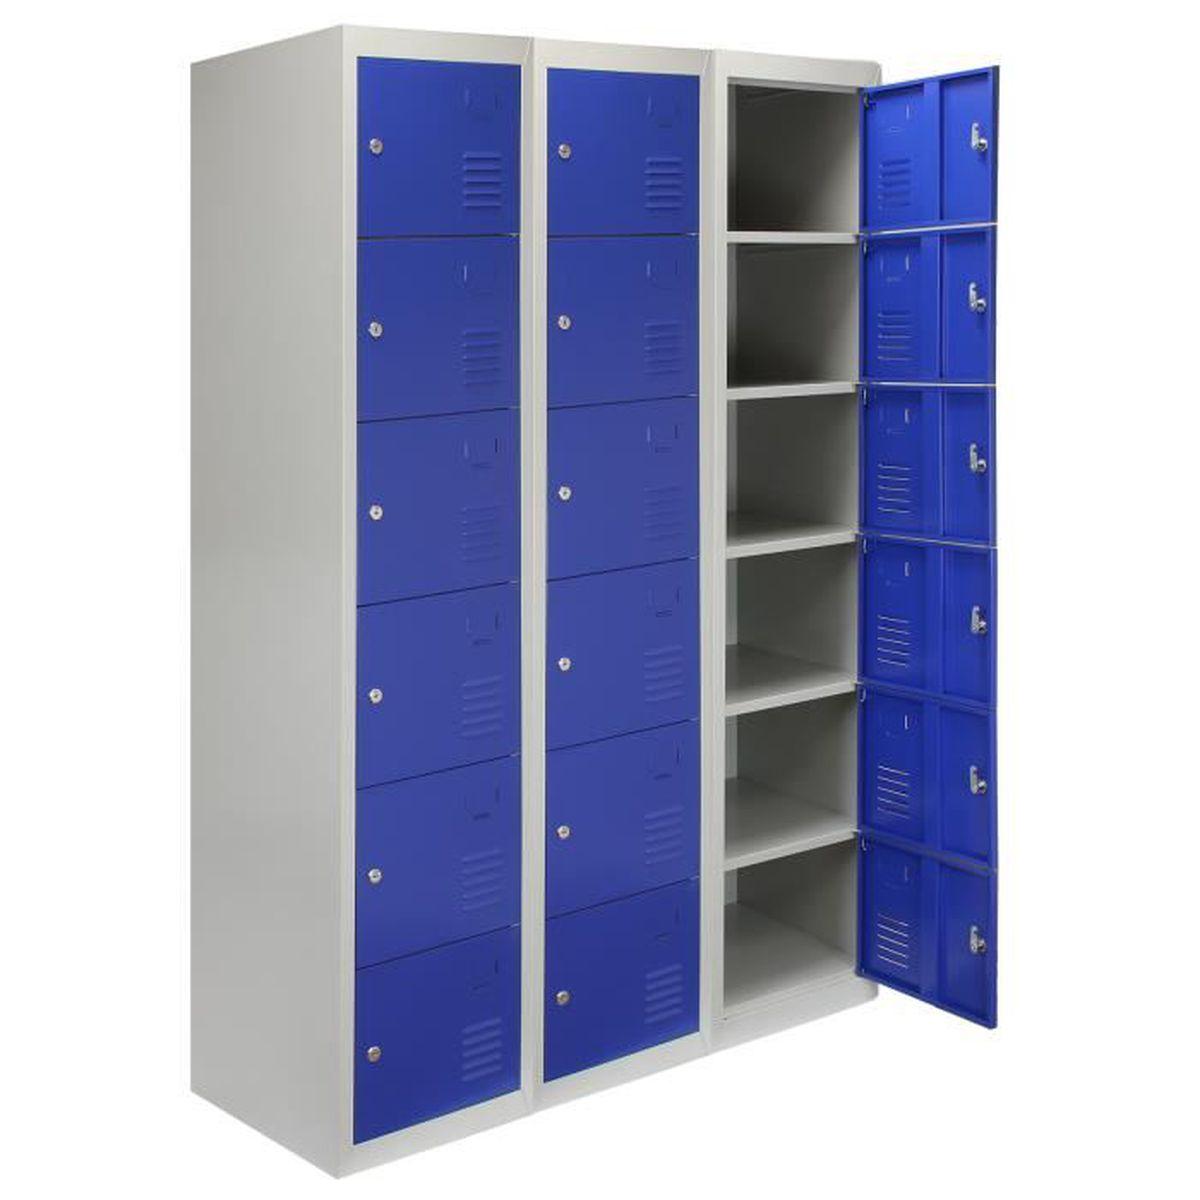 Décoration Pour Casier D École monstershop casier 3 portes 6 Étagères, bleu, gris casier verrouillable,  salle de sport, École, vestiaire